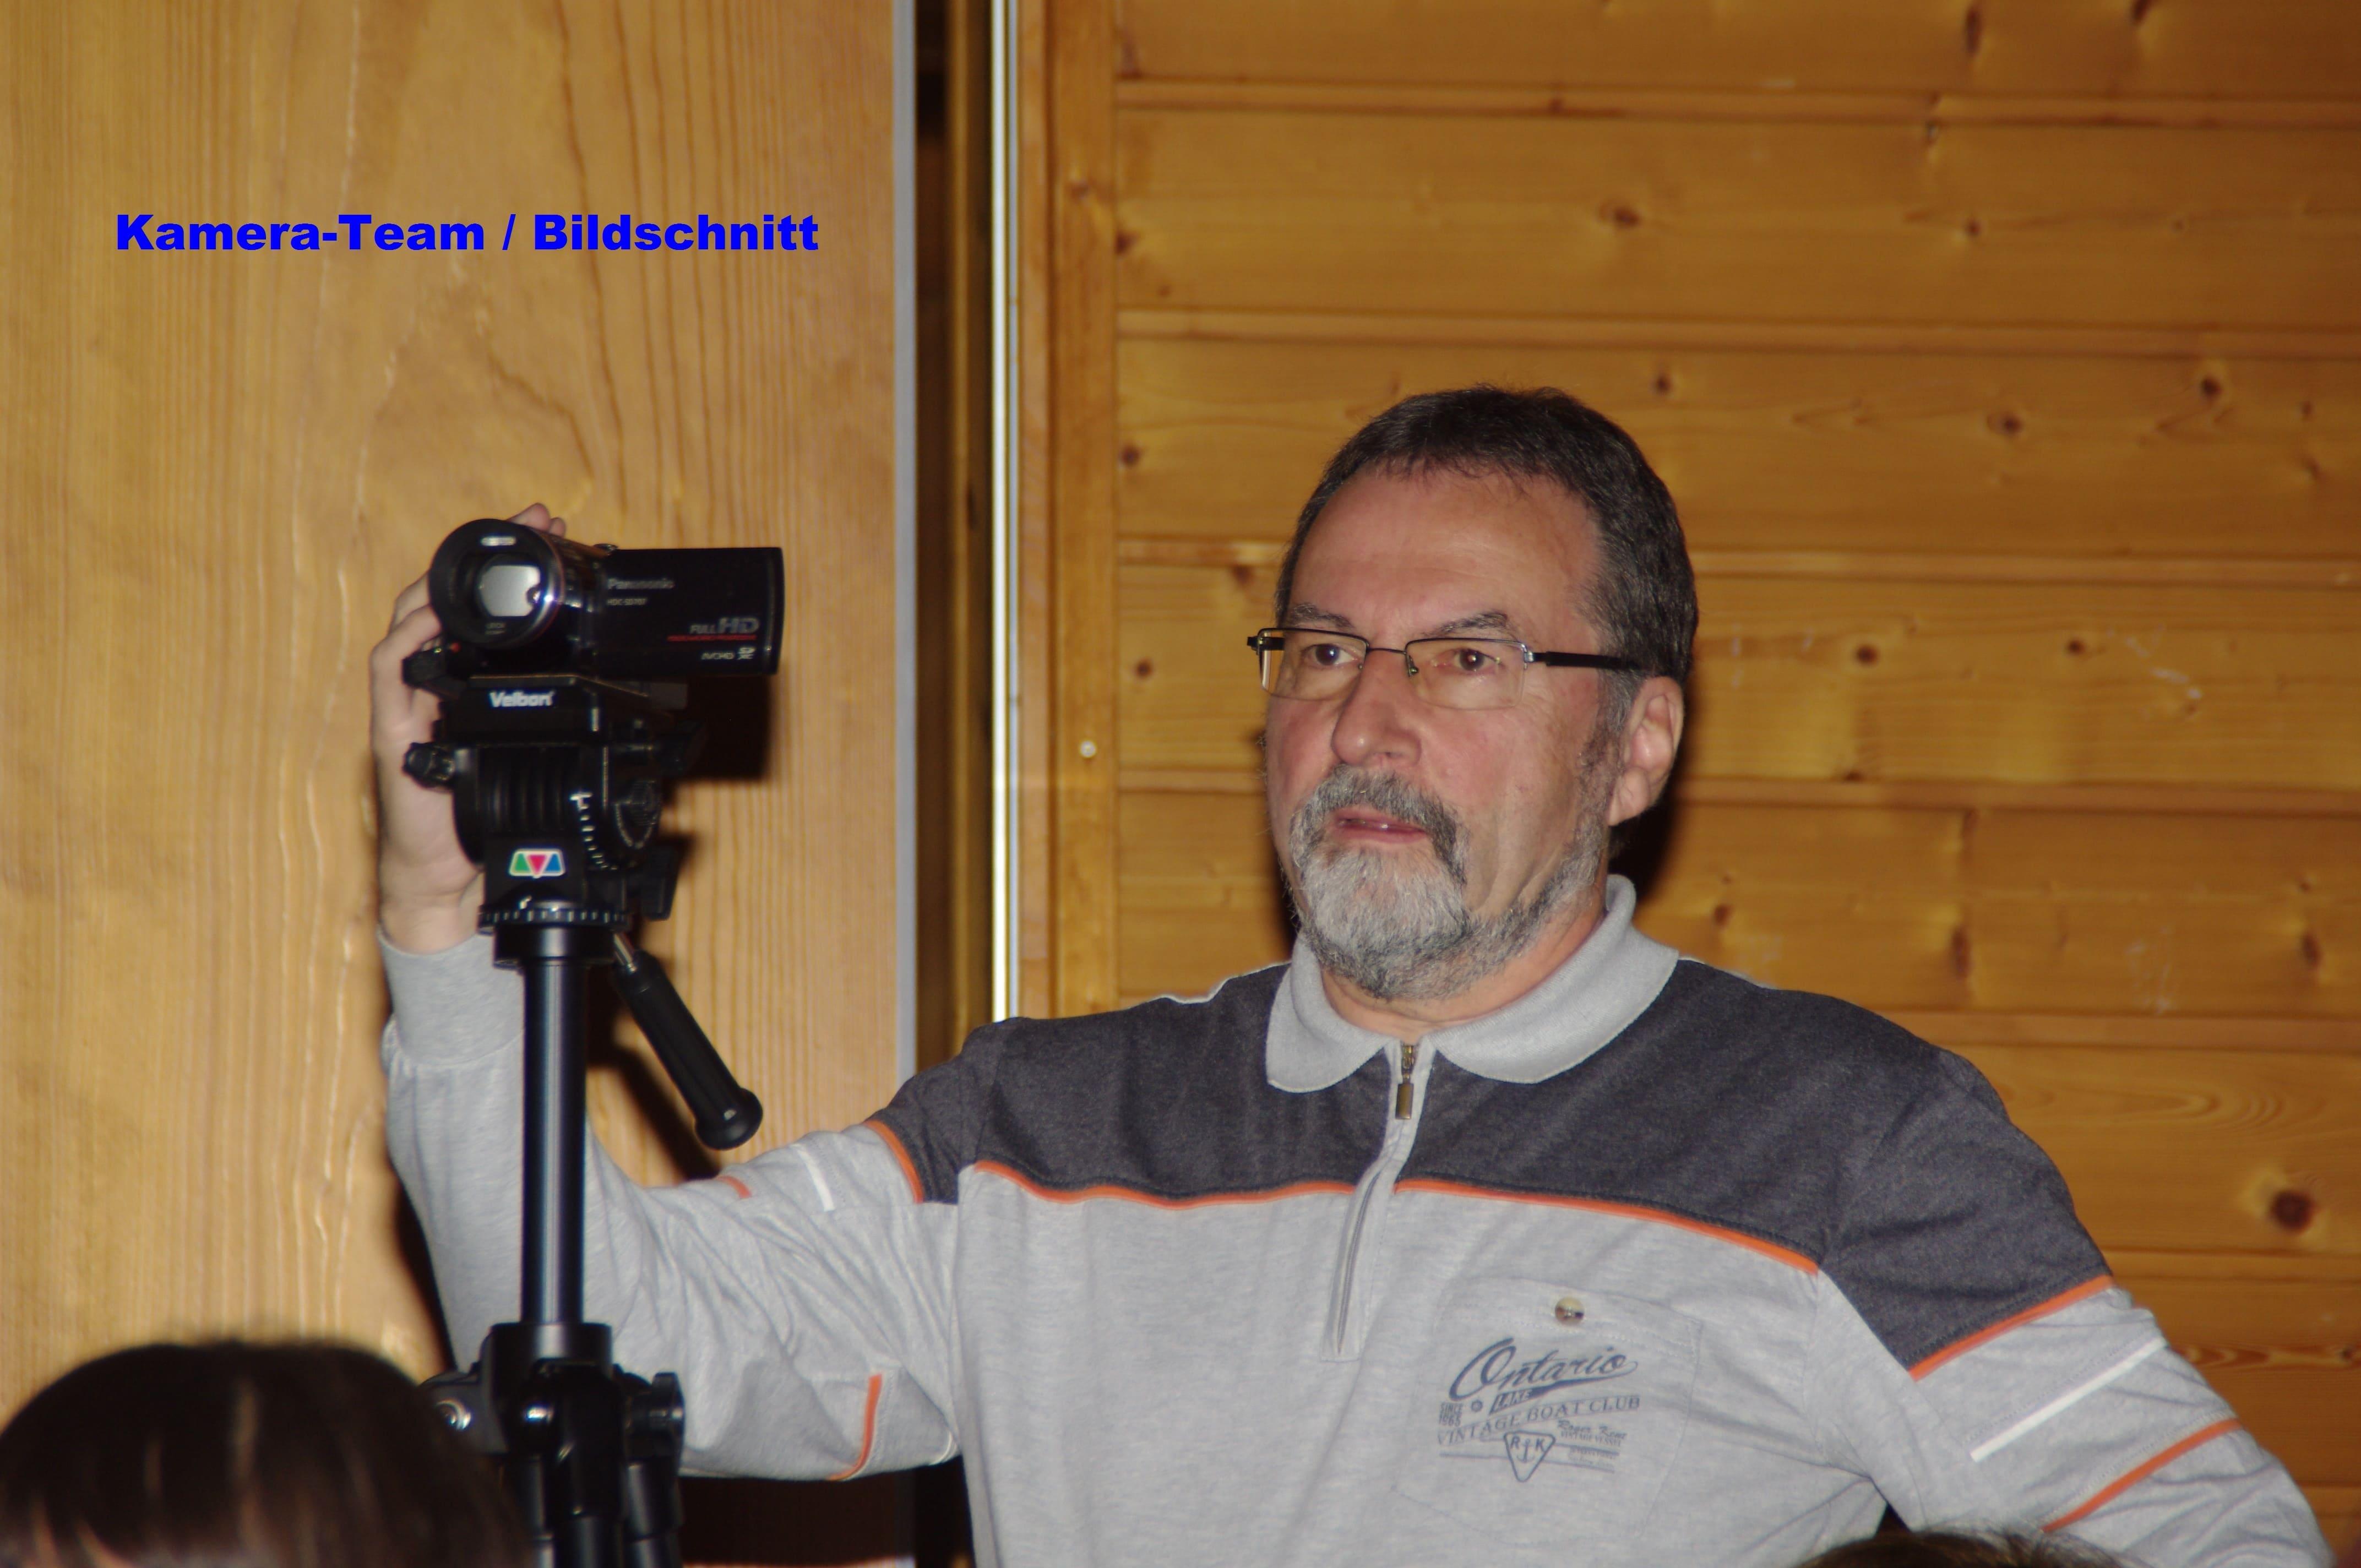 Kamera-Team-1